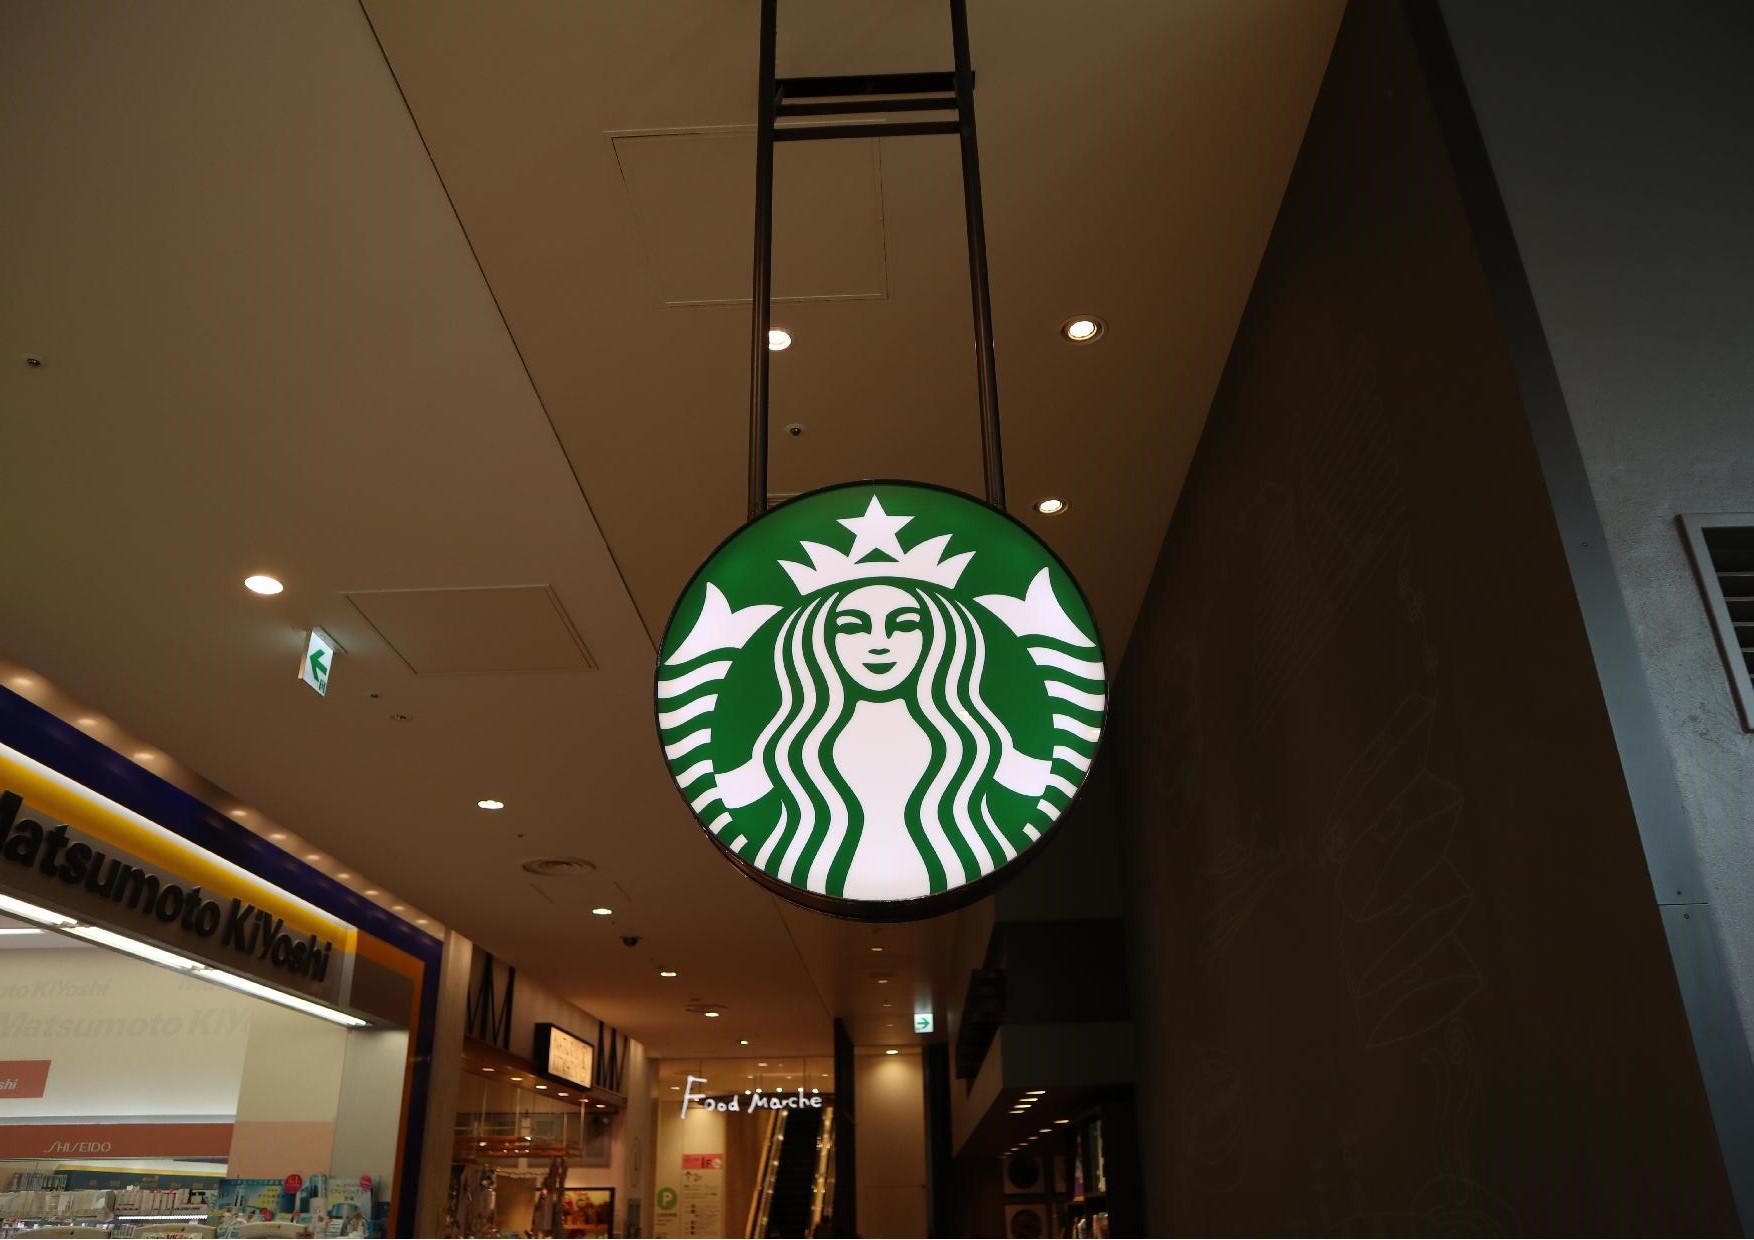 レストラン:スターバックスコーヒー 東京スカイツリー・ソラマチ西1階店 354m